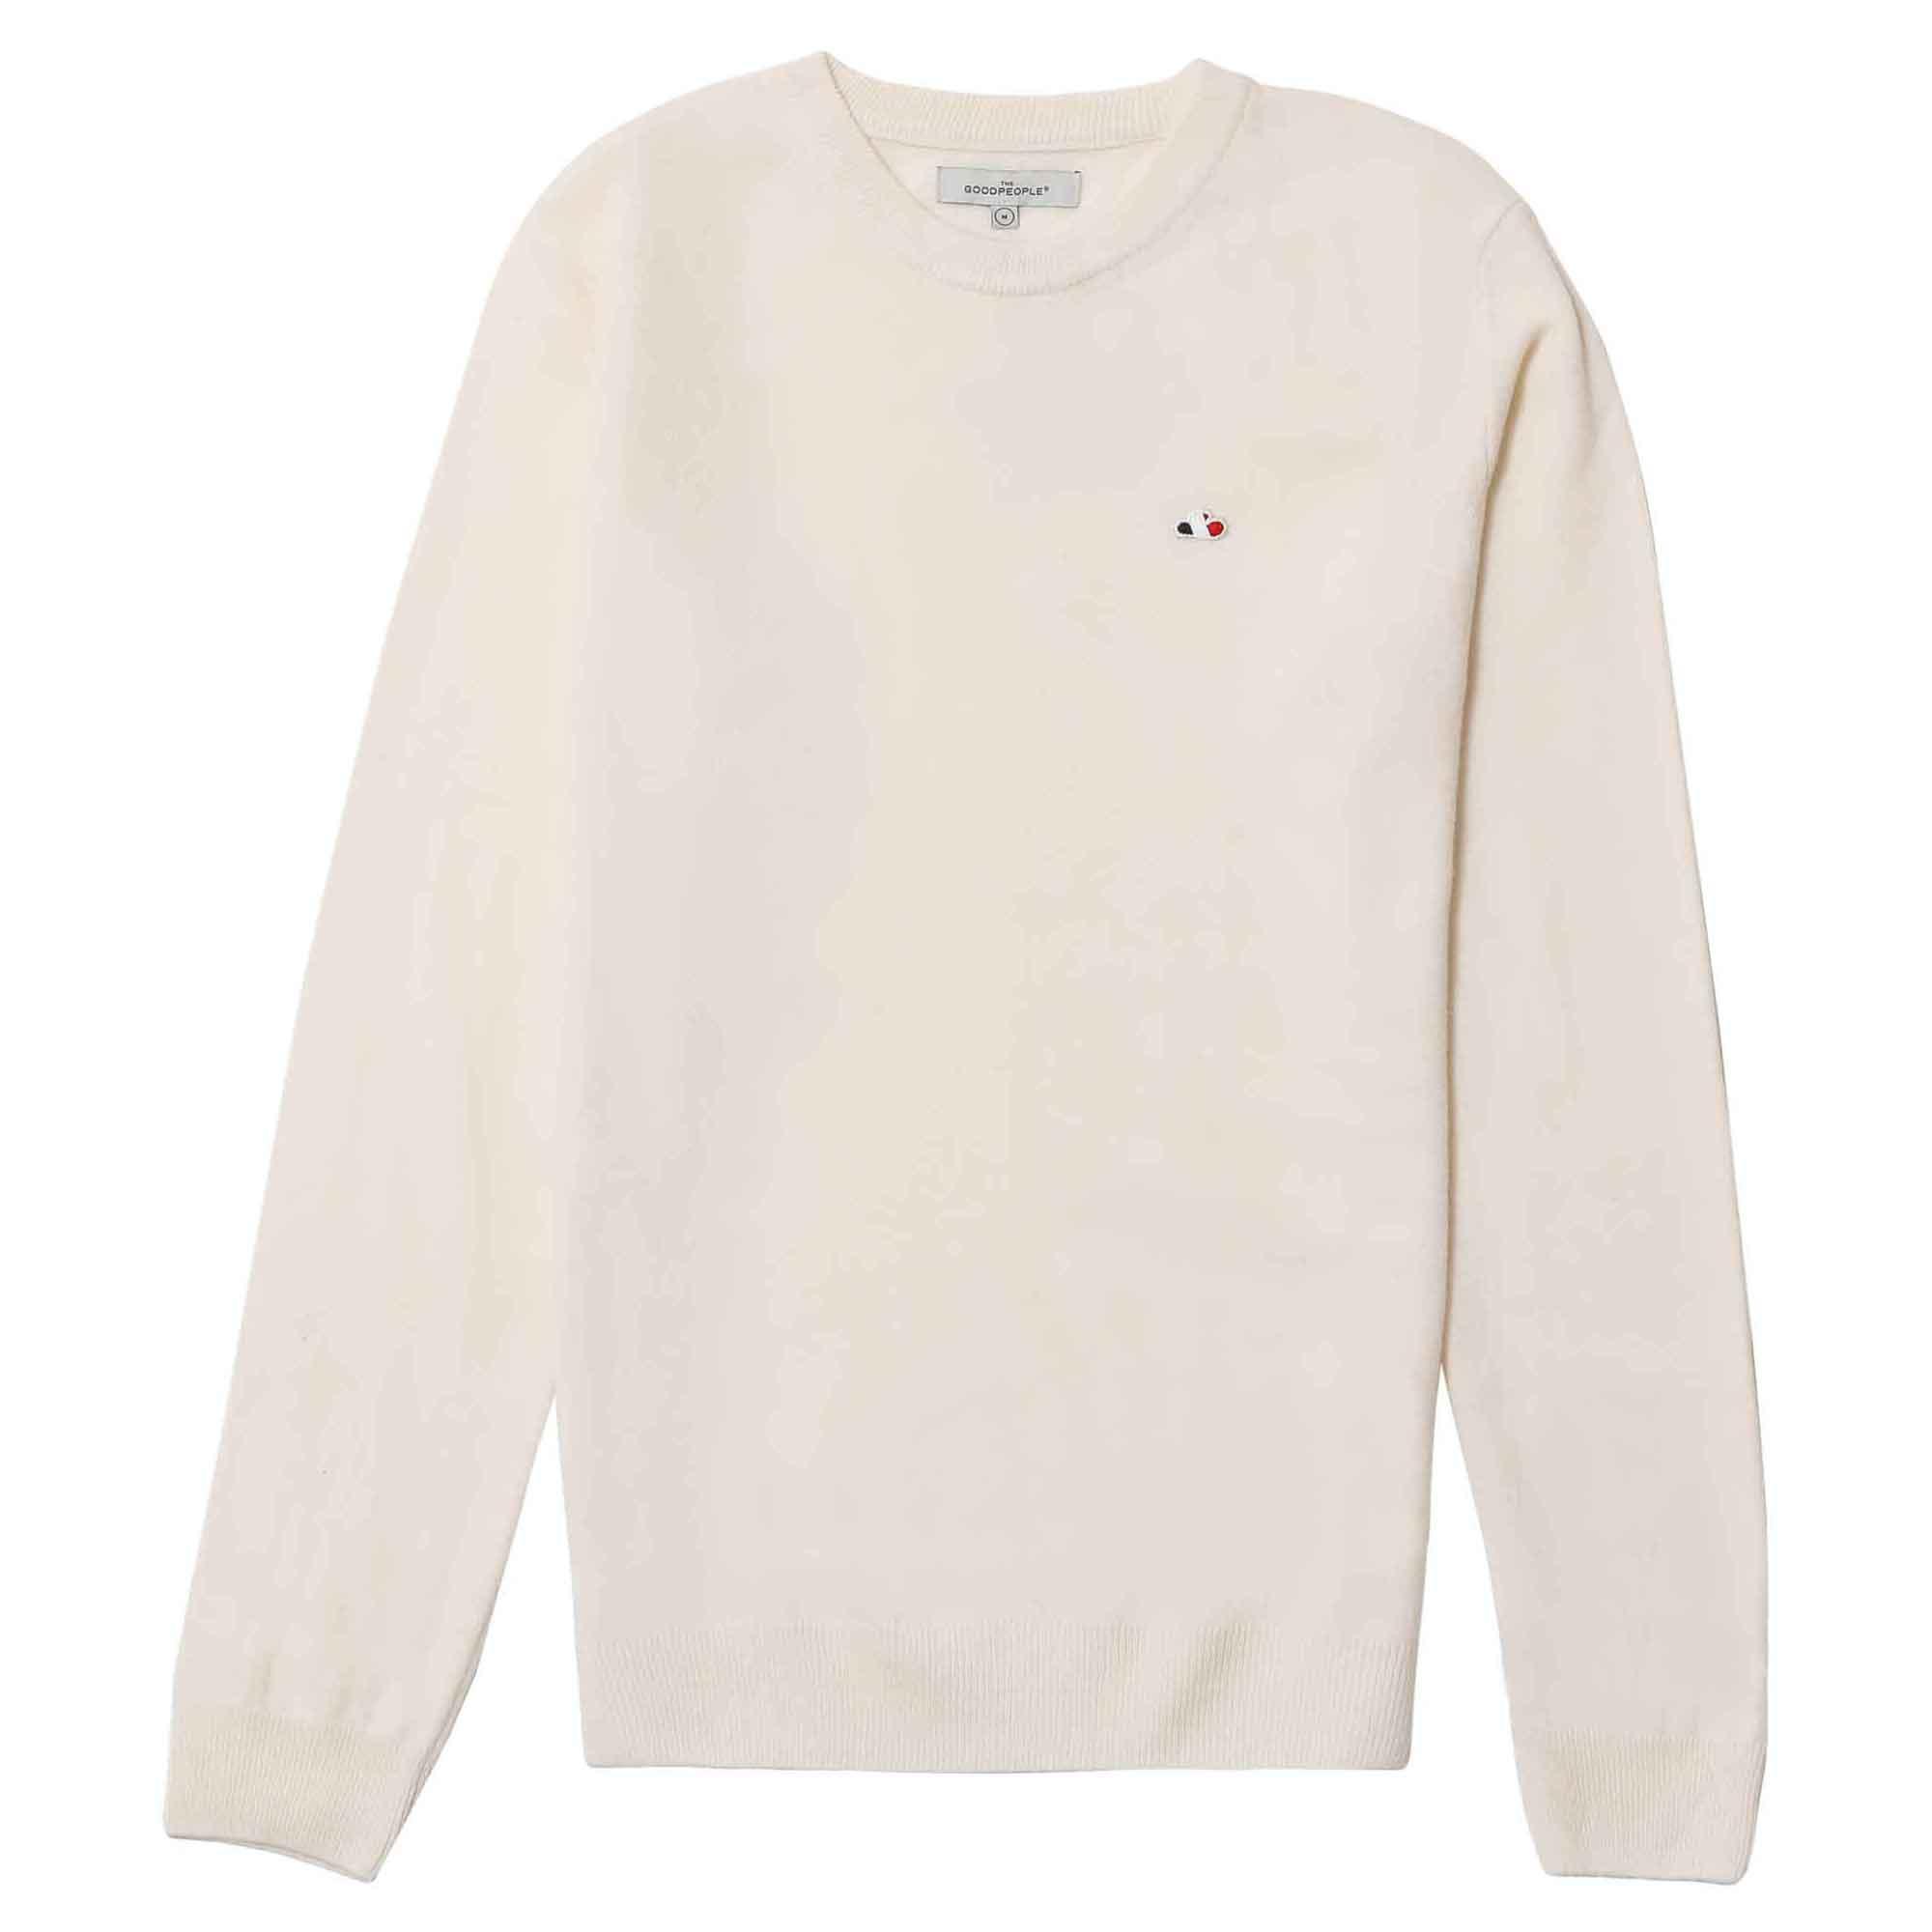 Suéter blanco con logo